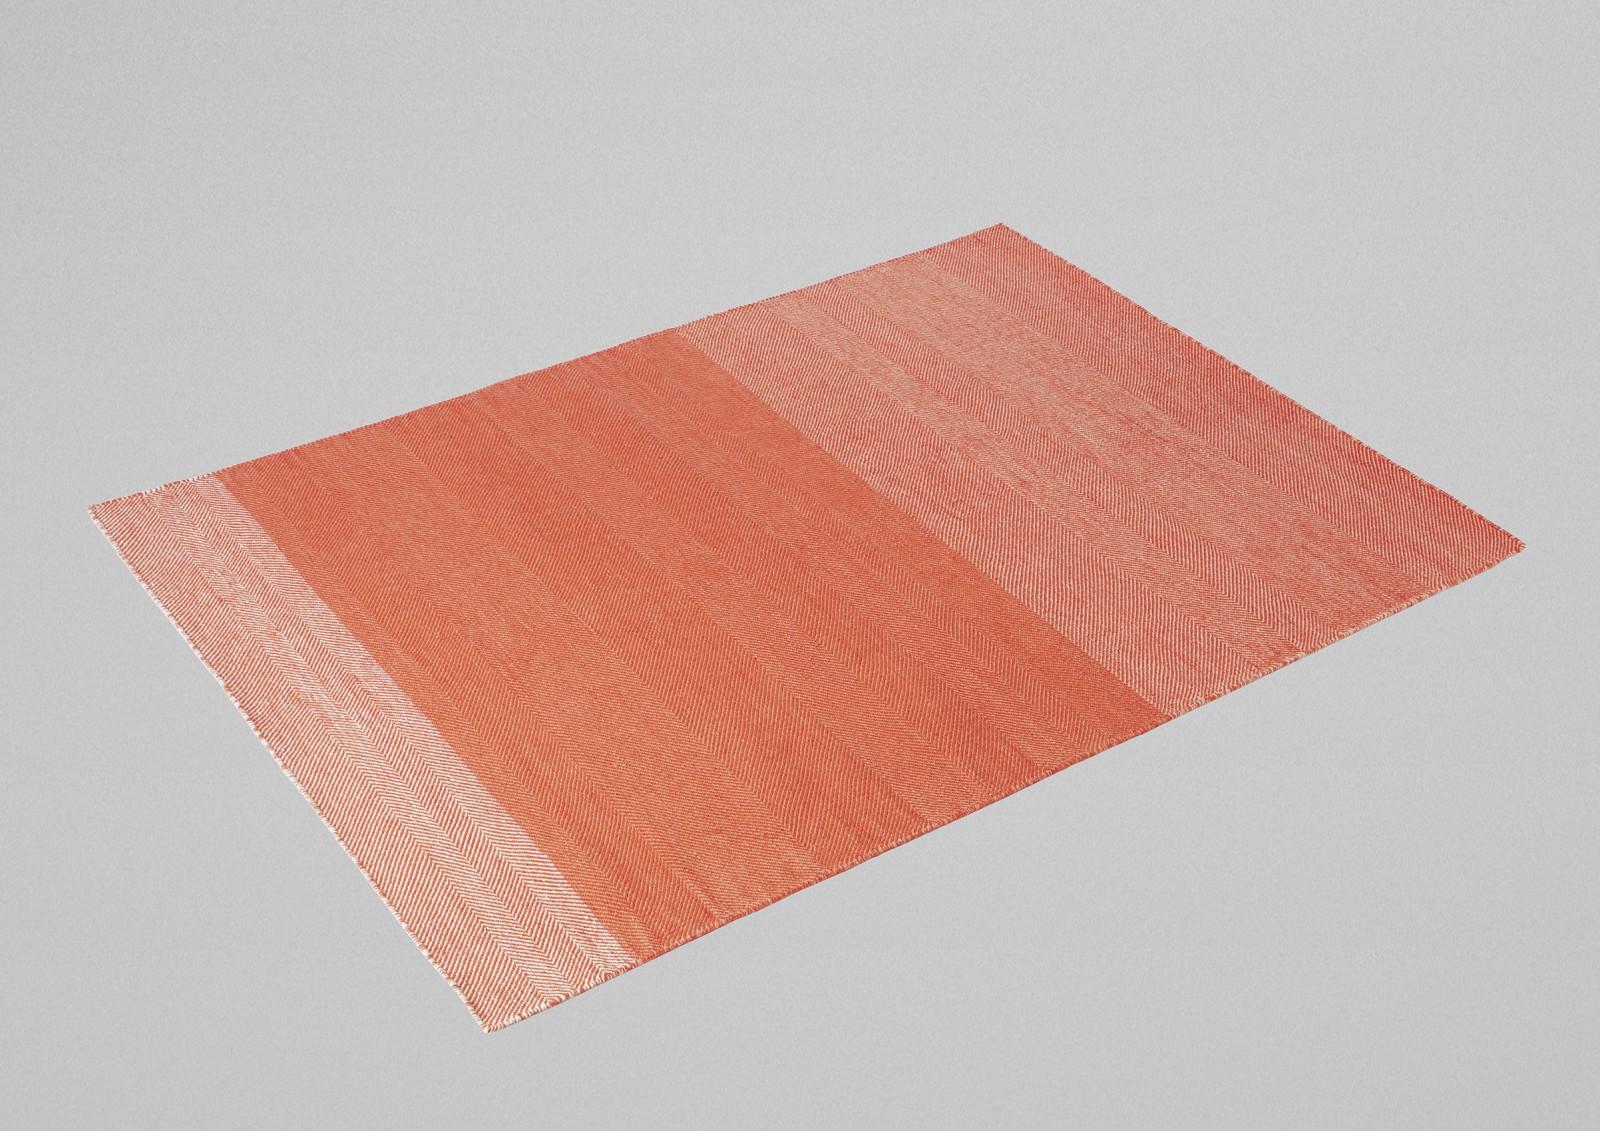 Varjo Rug Tangerine 200 x 300